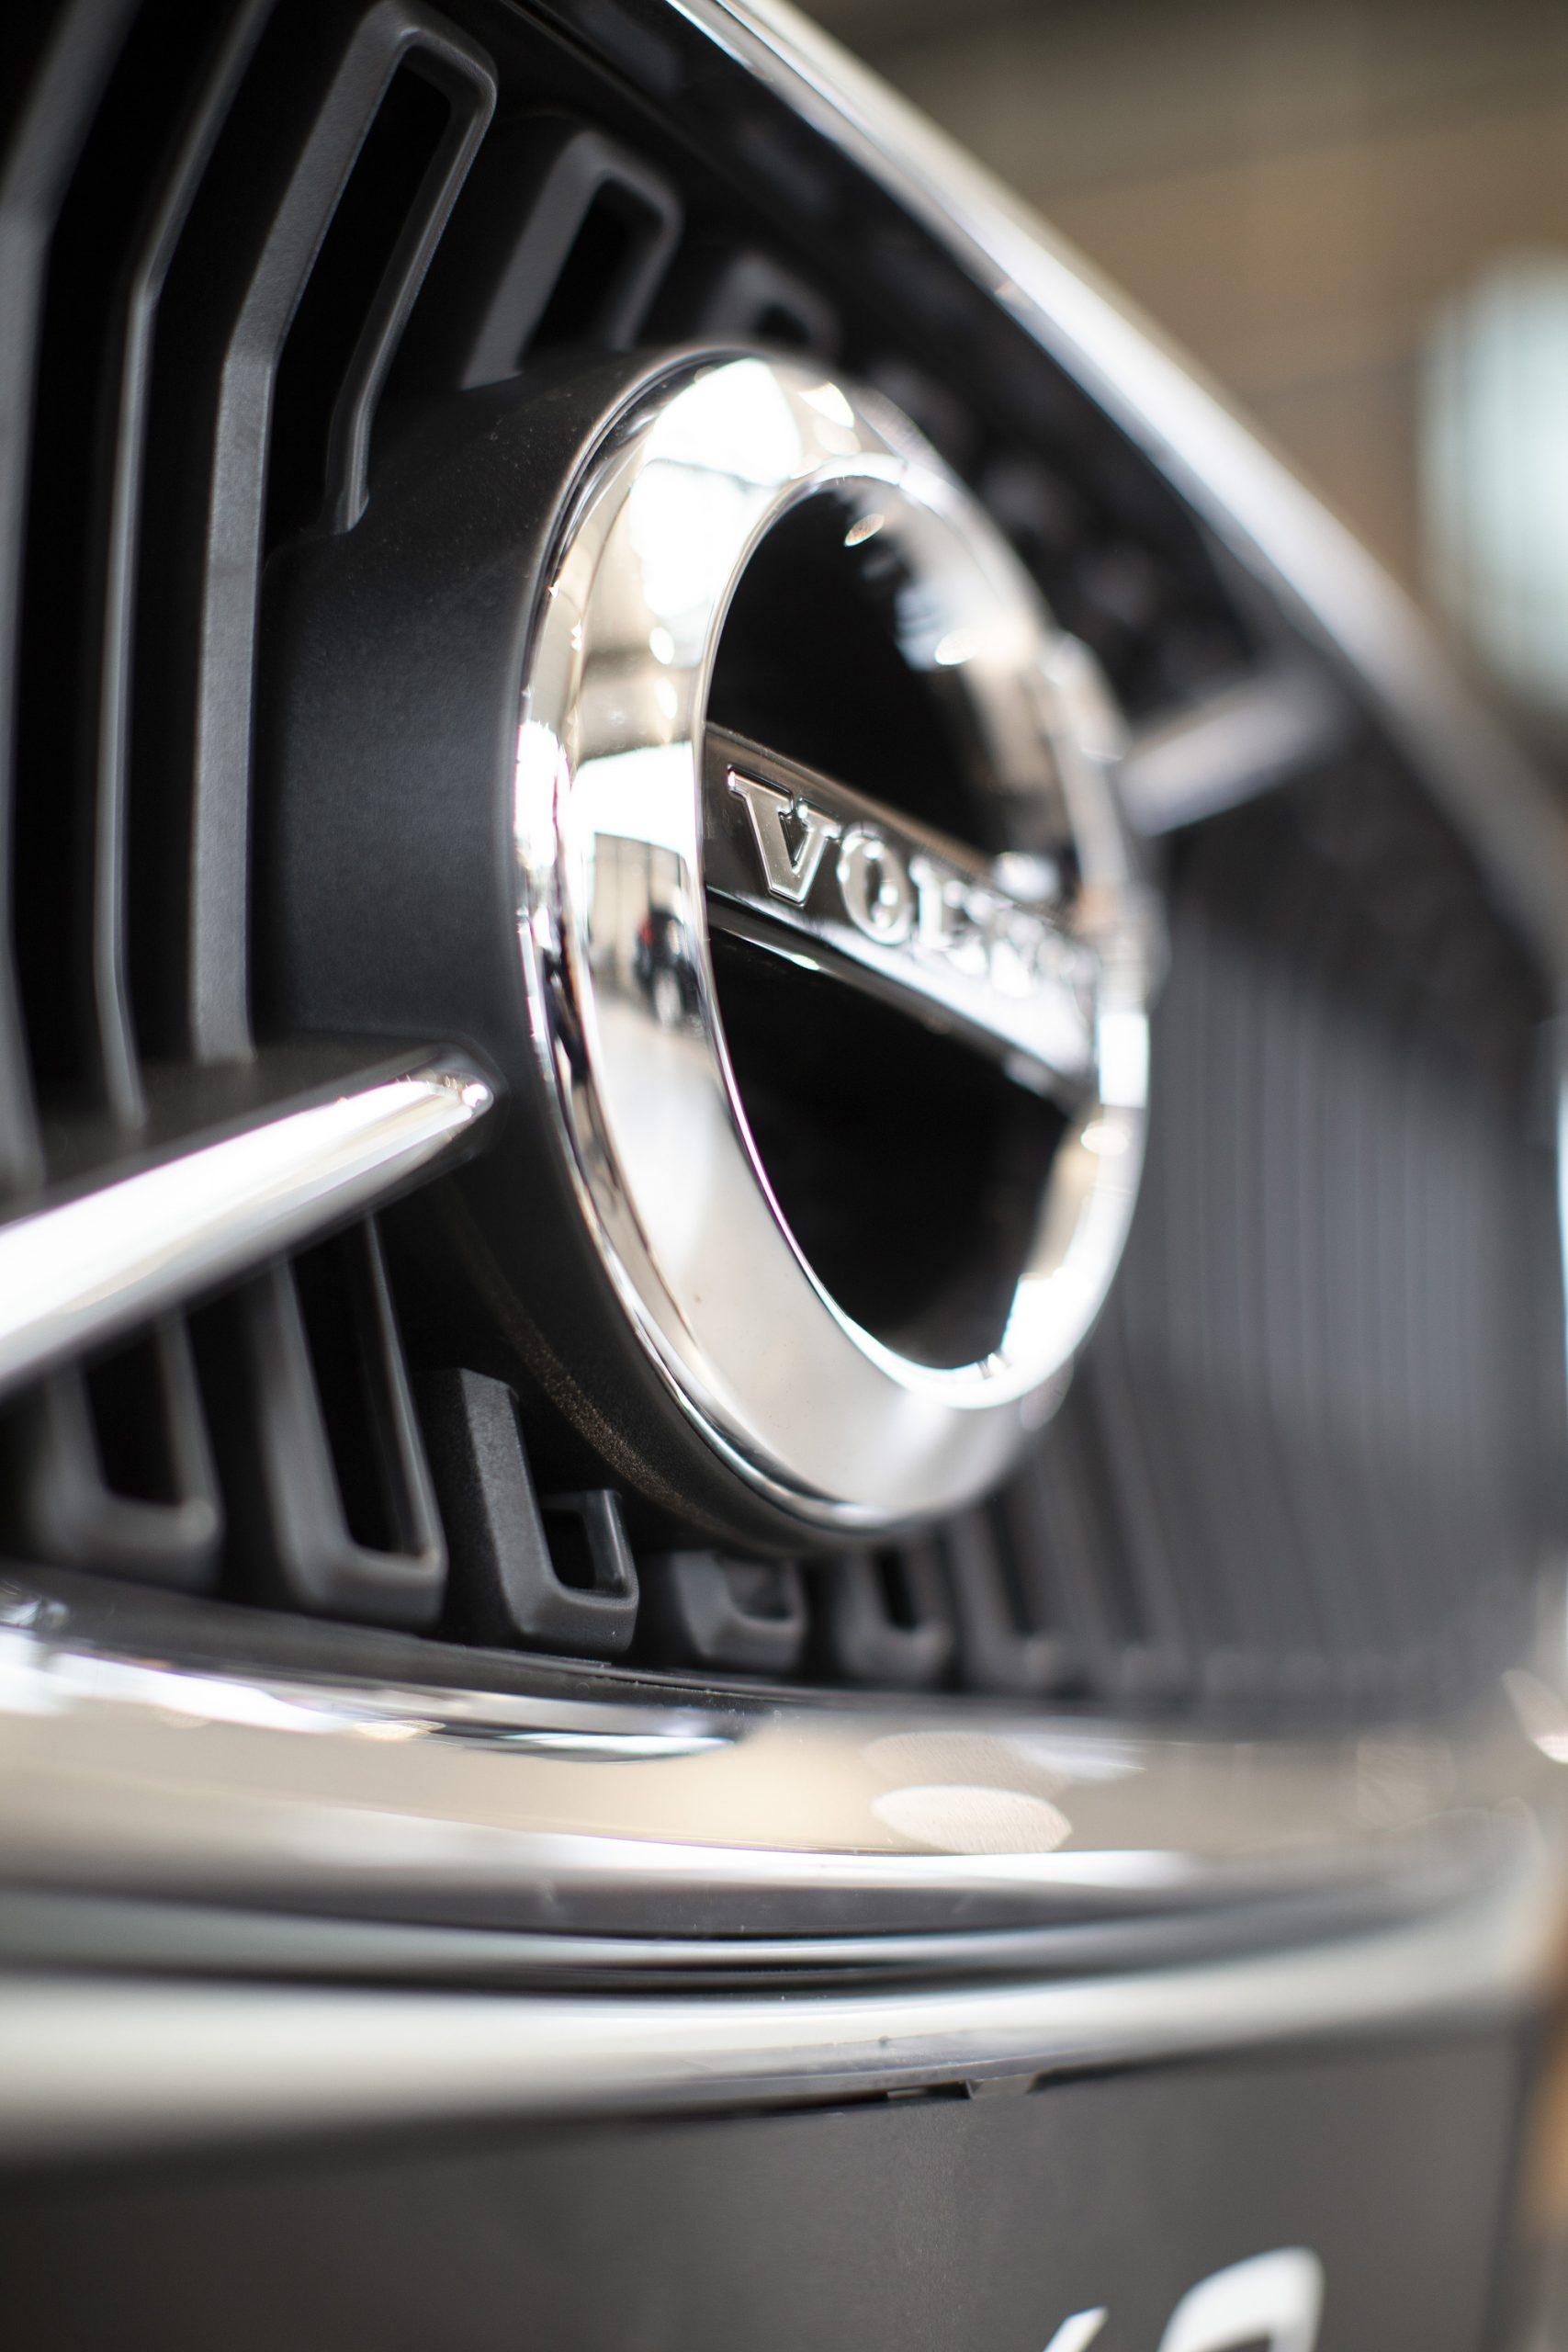 Het Volvo embleem op de grille van de auto